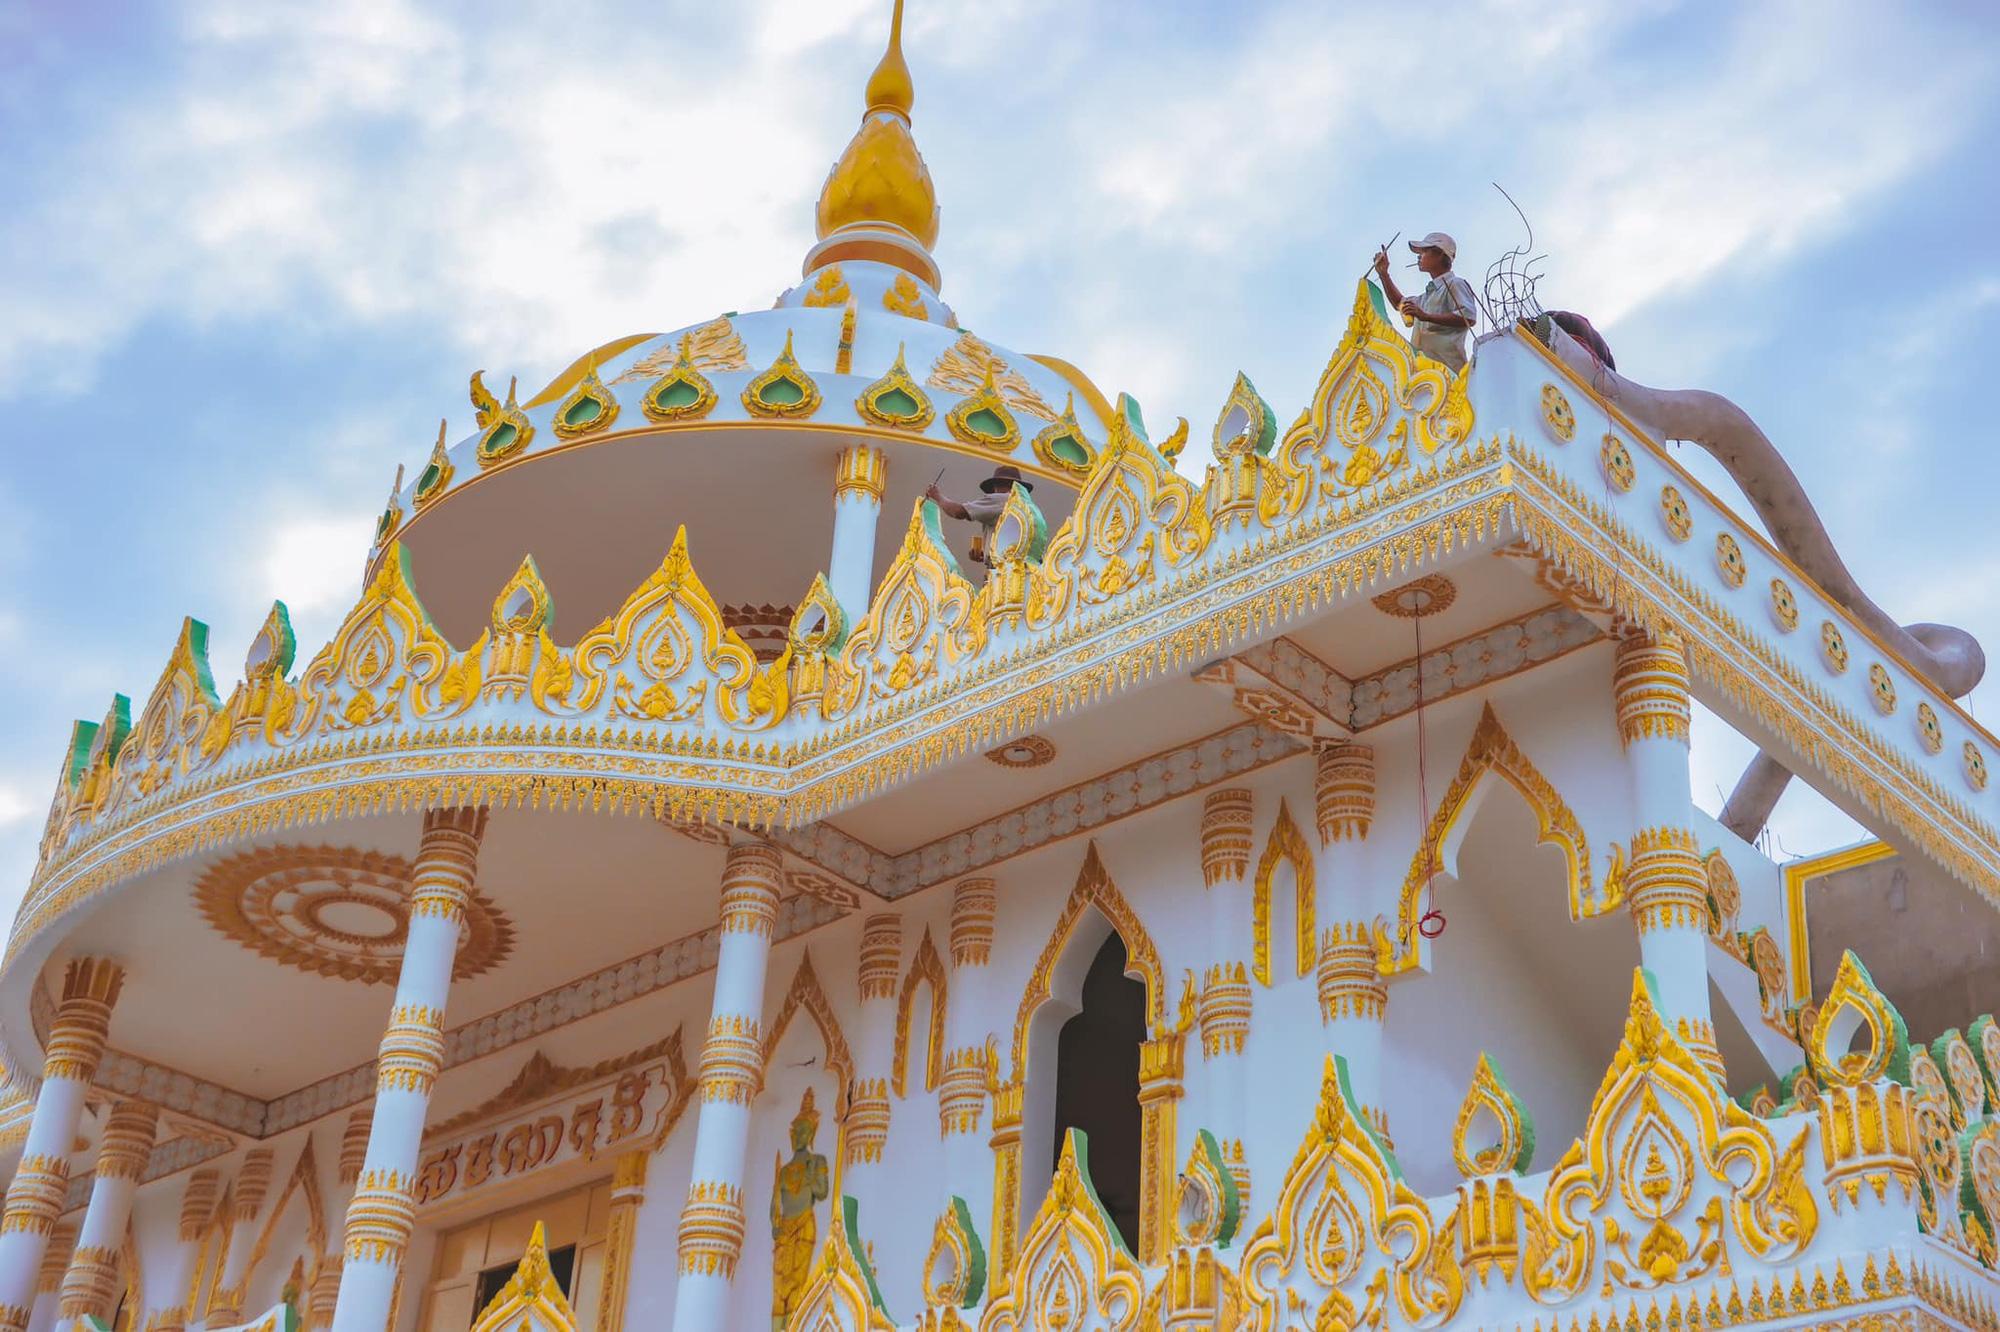 """Độc đáo ngôi chùa """"Thái Lan"""" đang sốt rần rần ở tỉnh Sóc Trăng - Ảnh 1."""